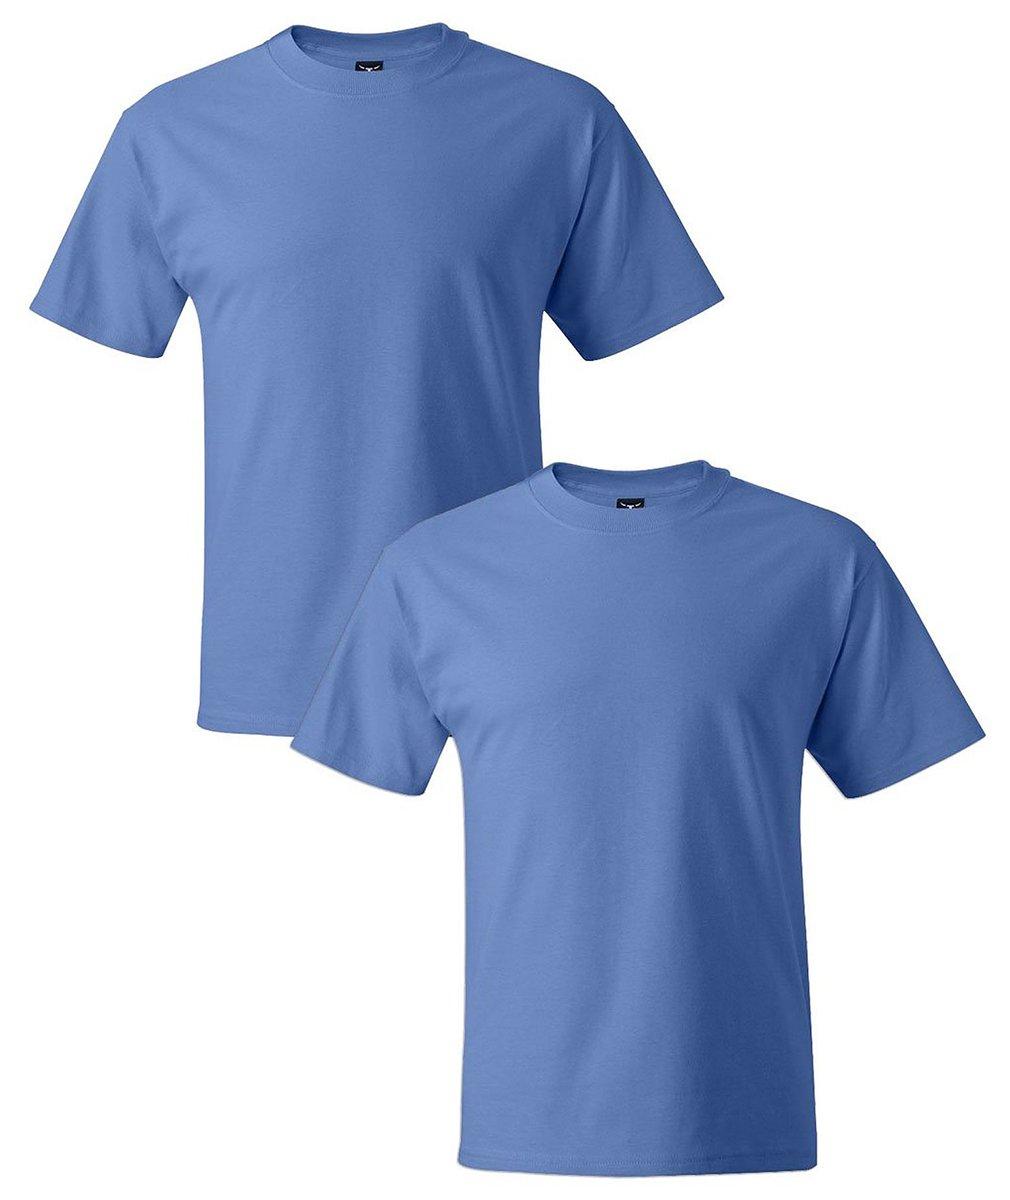 ヘインズがっしりした体格-Tメンズ半袖Tシャツは、2がロード